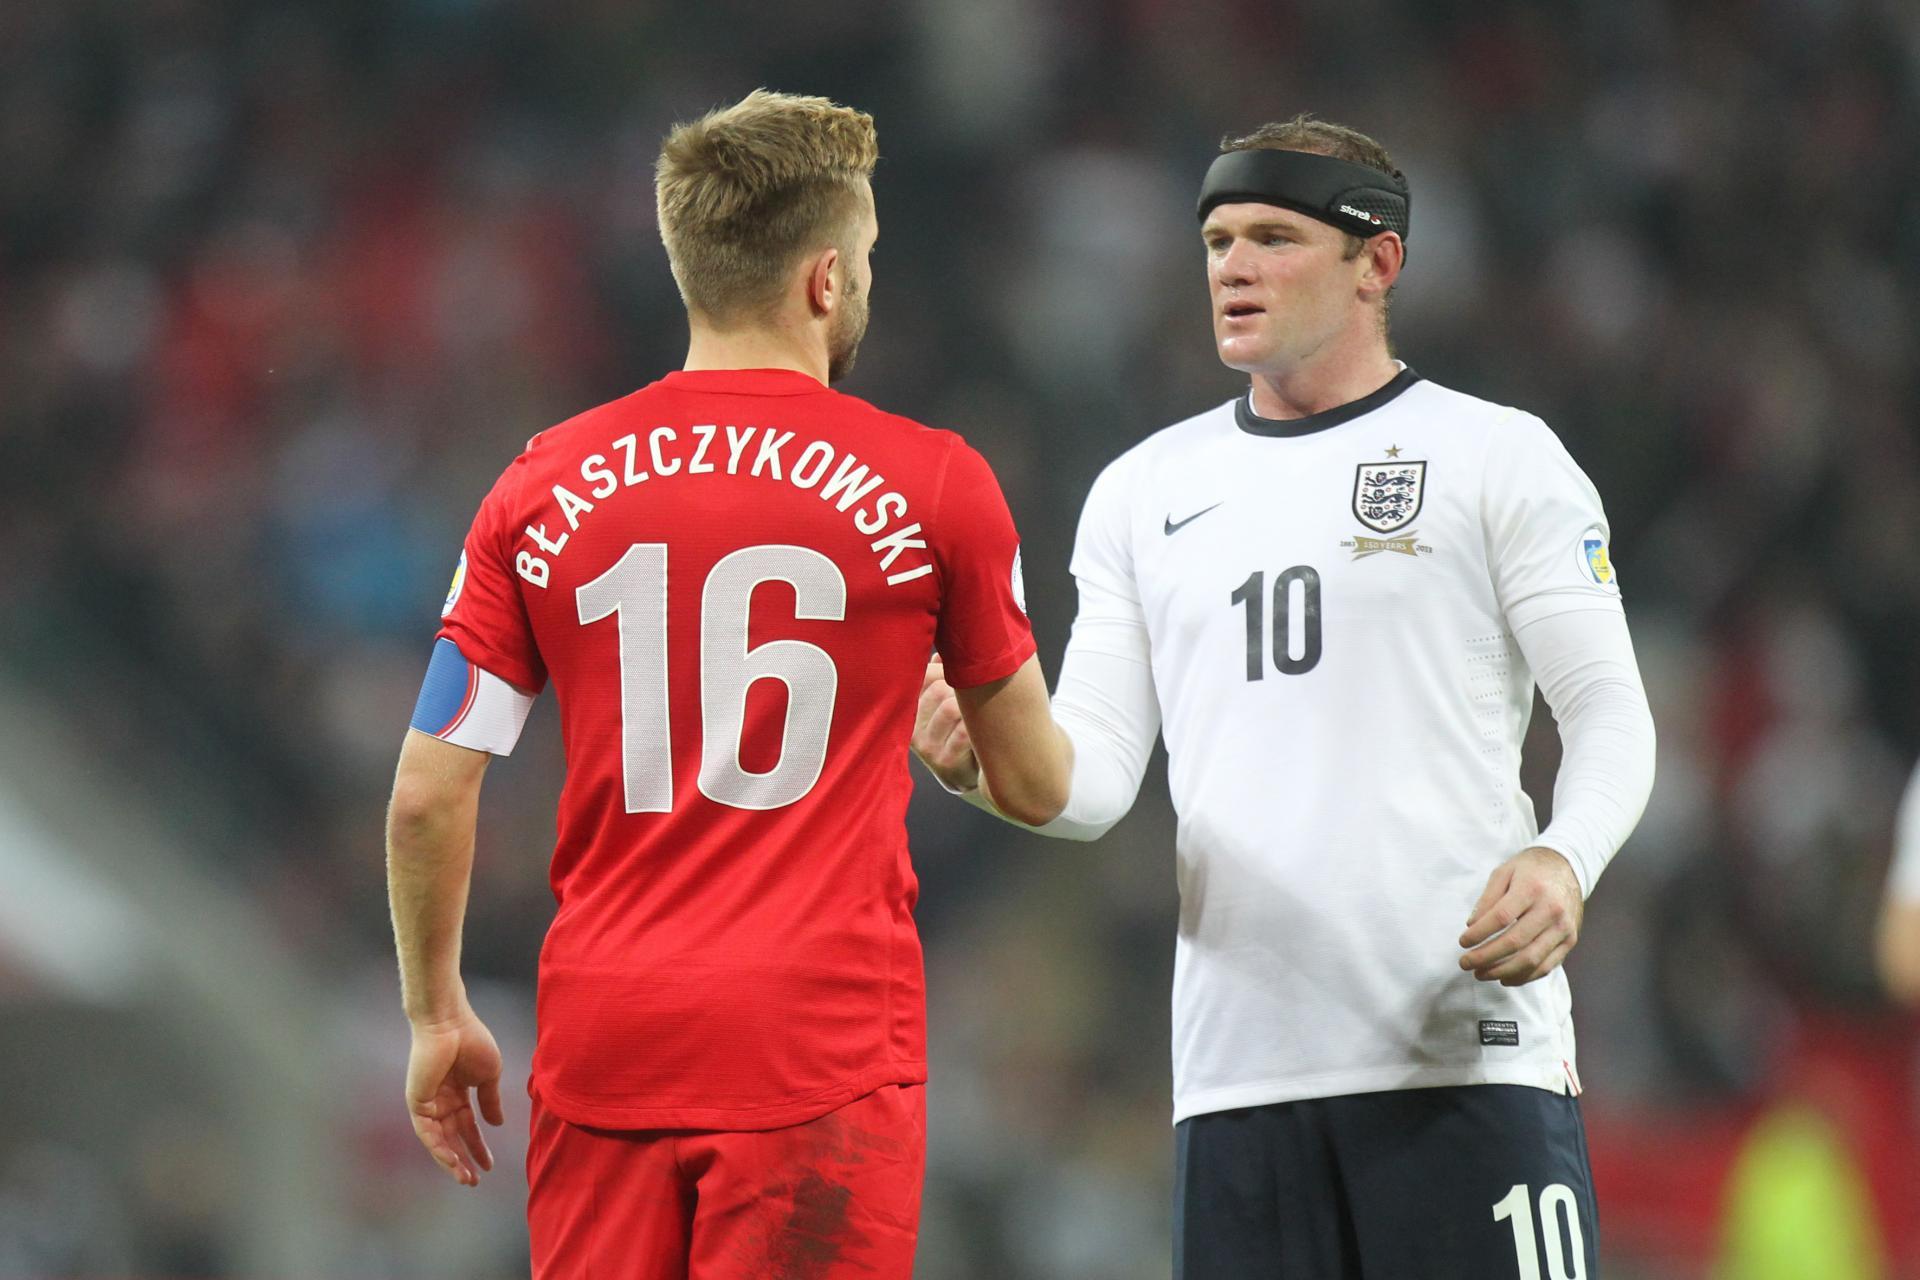 Jakub Błaszczykowski gratuluje Wayne'owi Rooneyowi świetnego występu i awansu do finałów mistrzostw świata. W eliminacyjnych meczach mundialu 2014 angielski napastnik strzelił nam dwa gole.